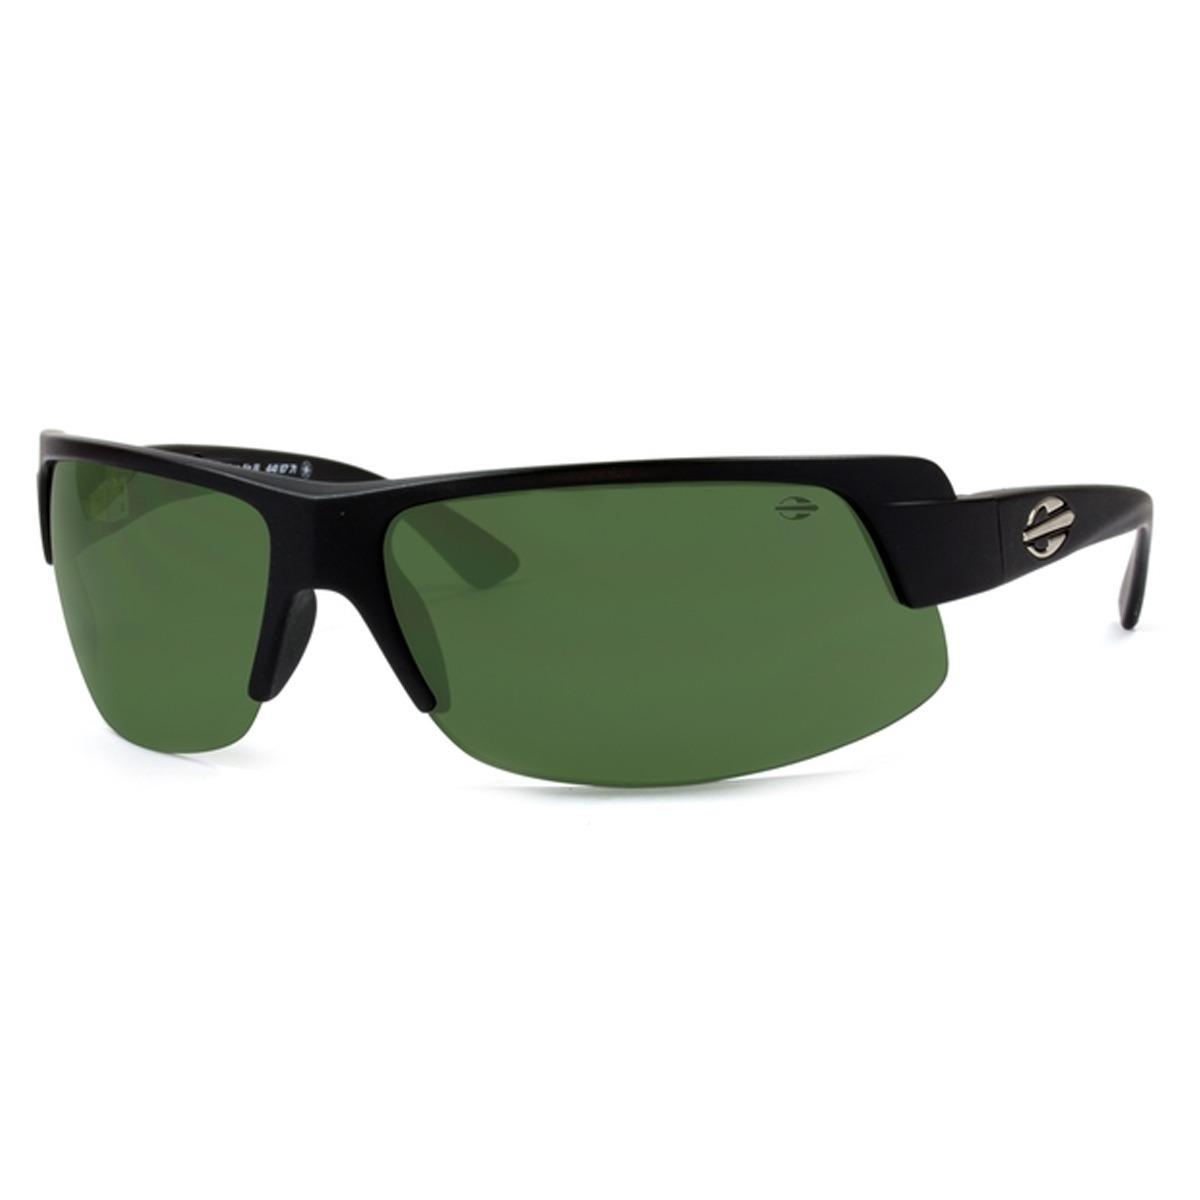 6c968753ac15f oculos sol mormaii gamboa air 3 original esporte preto fosco. Carregando  zoom.